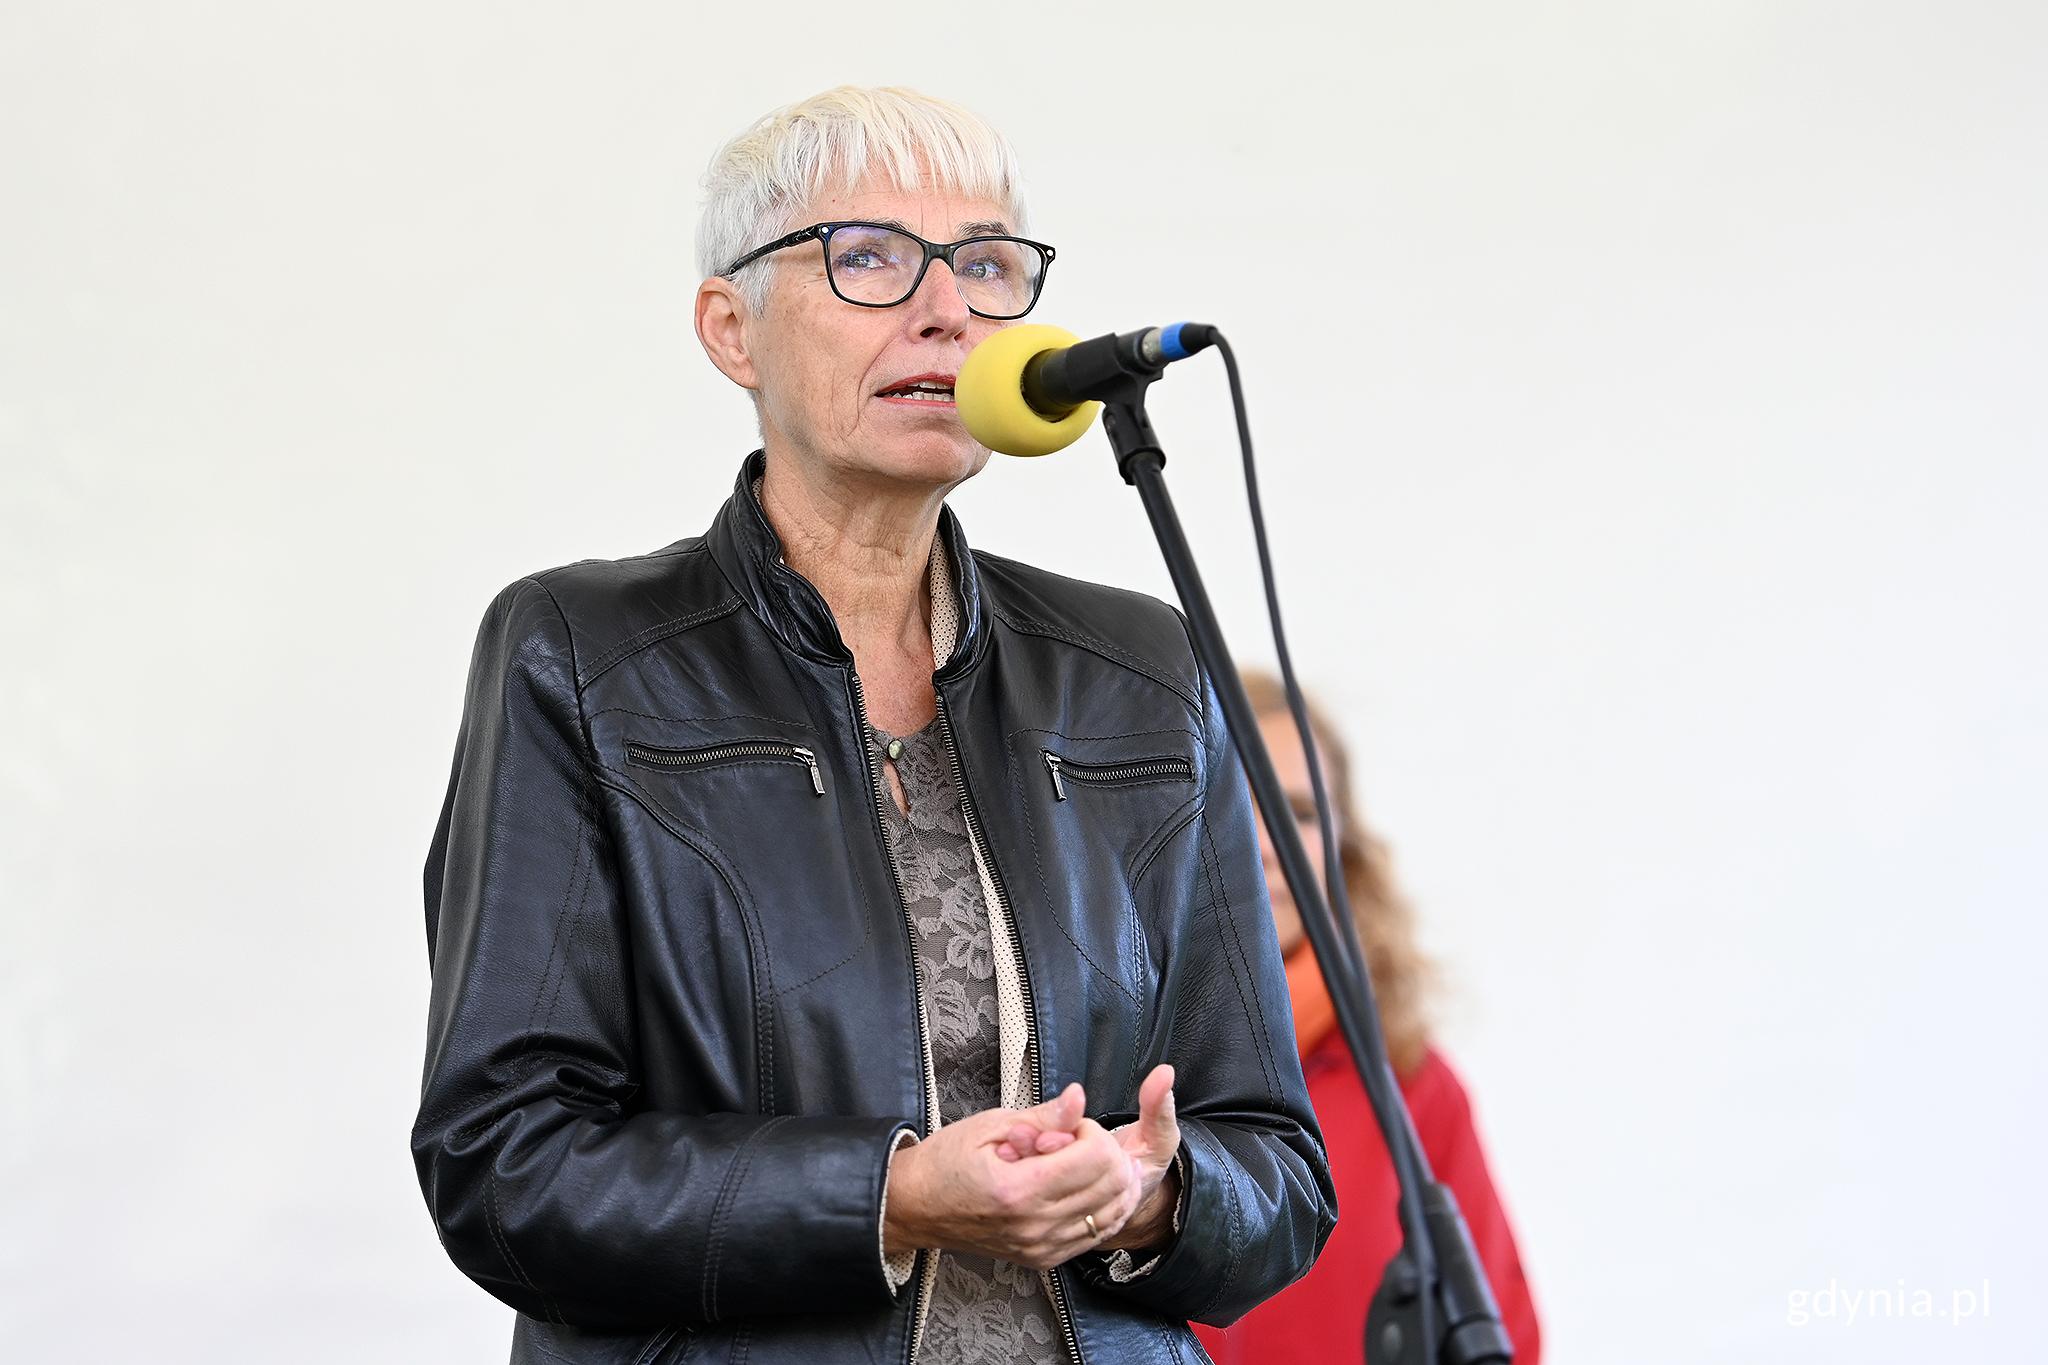 Przewodnicząca Rady Miasta Gdyni, Joanna Zielińska podczas wręczenia nagród dla laureatów konkursu, fot. Michał Puszczewicz